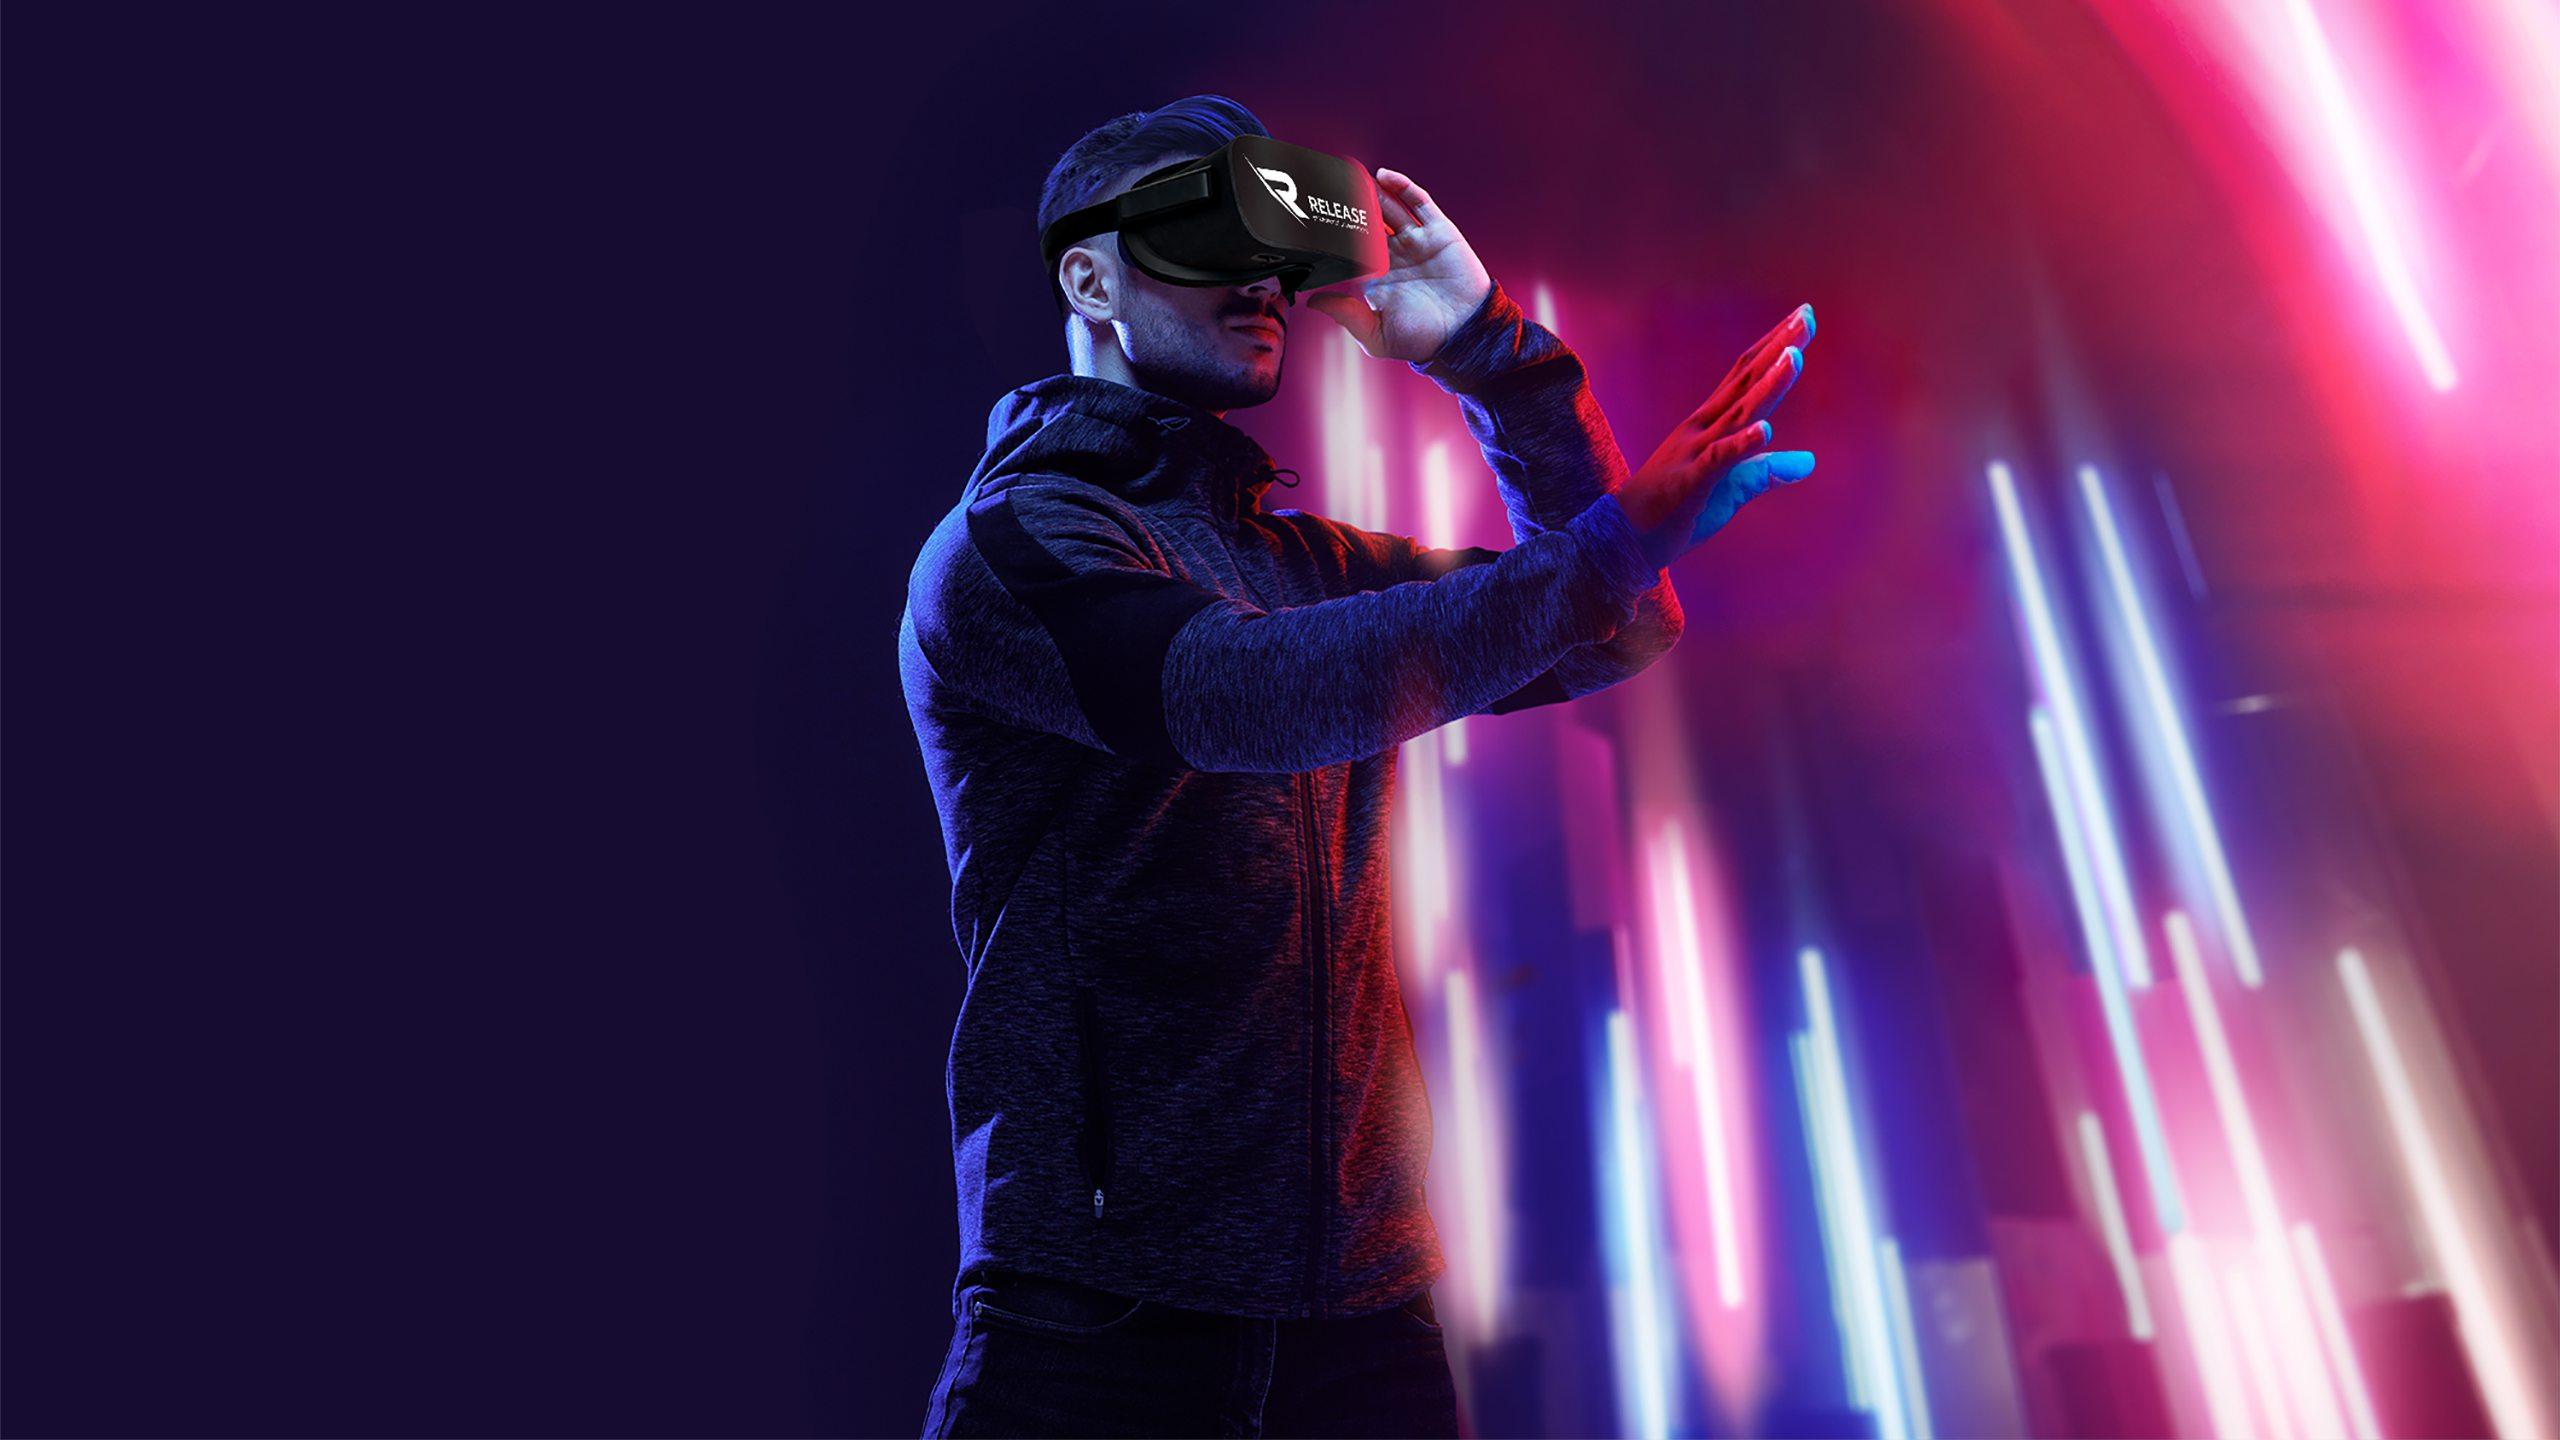 Mann erlebt Release VR-Brille